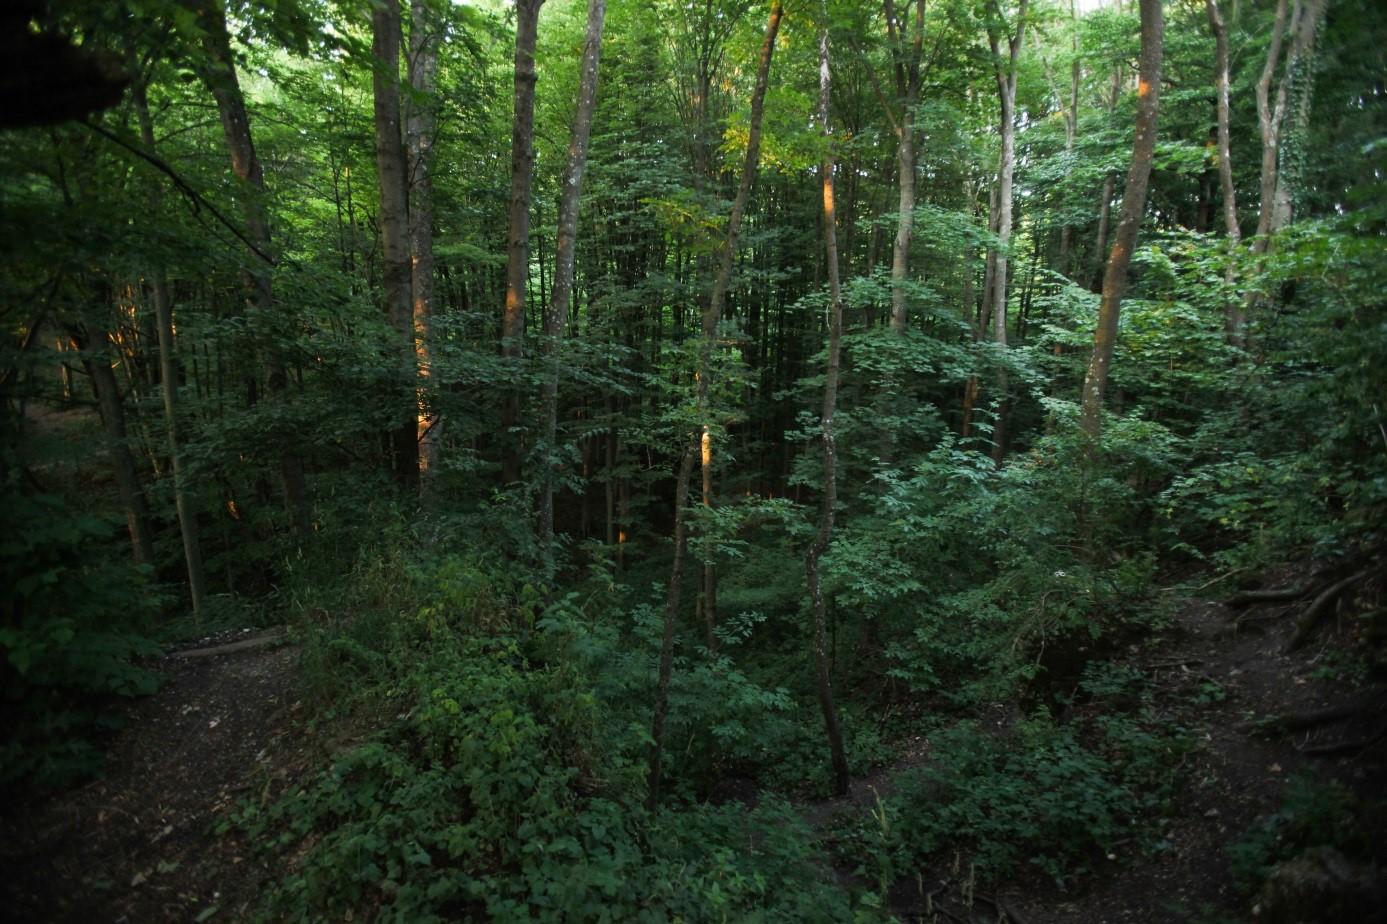 Wald im Bakonygebirge - Naturerlebnis entlang des Marienweges in Ungarn